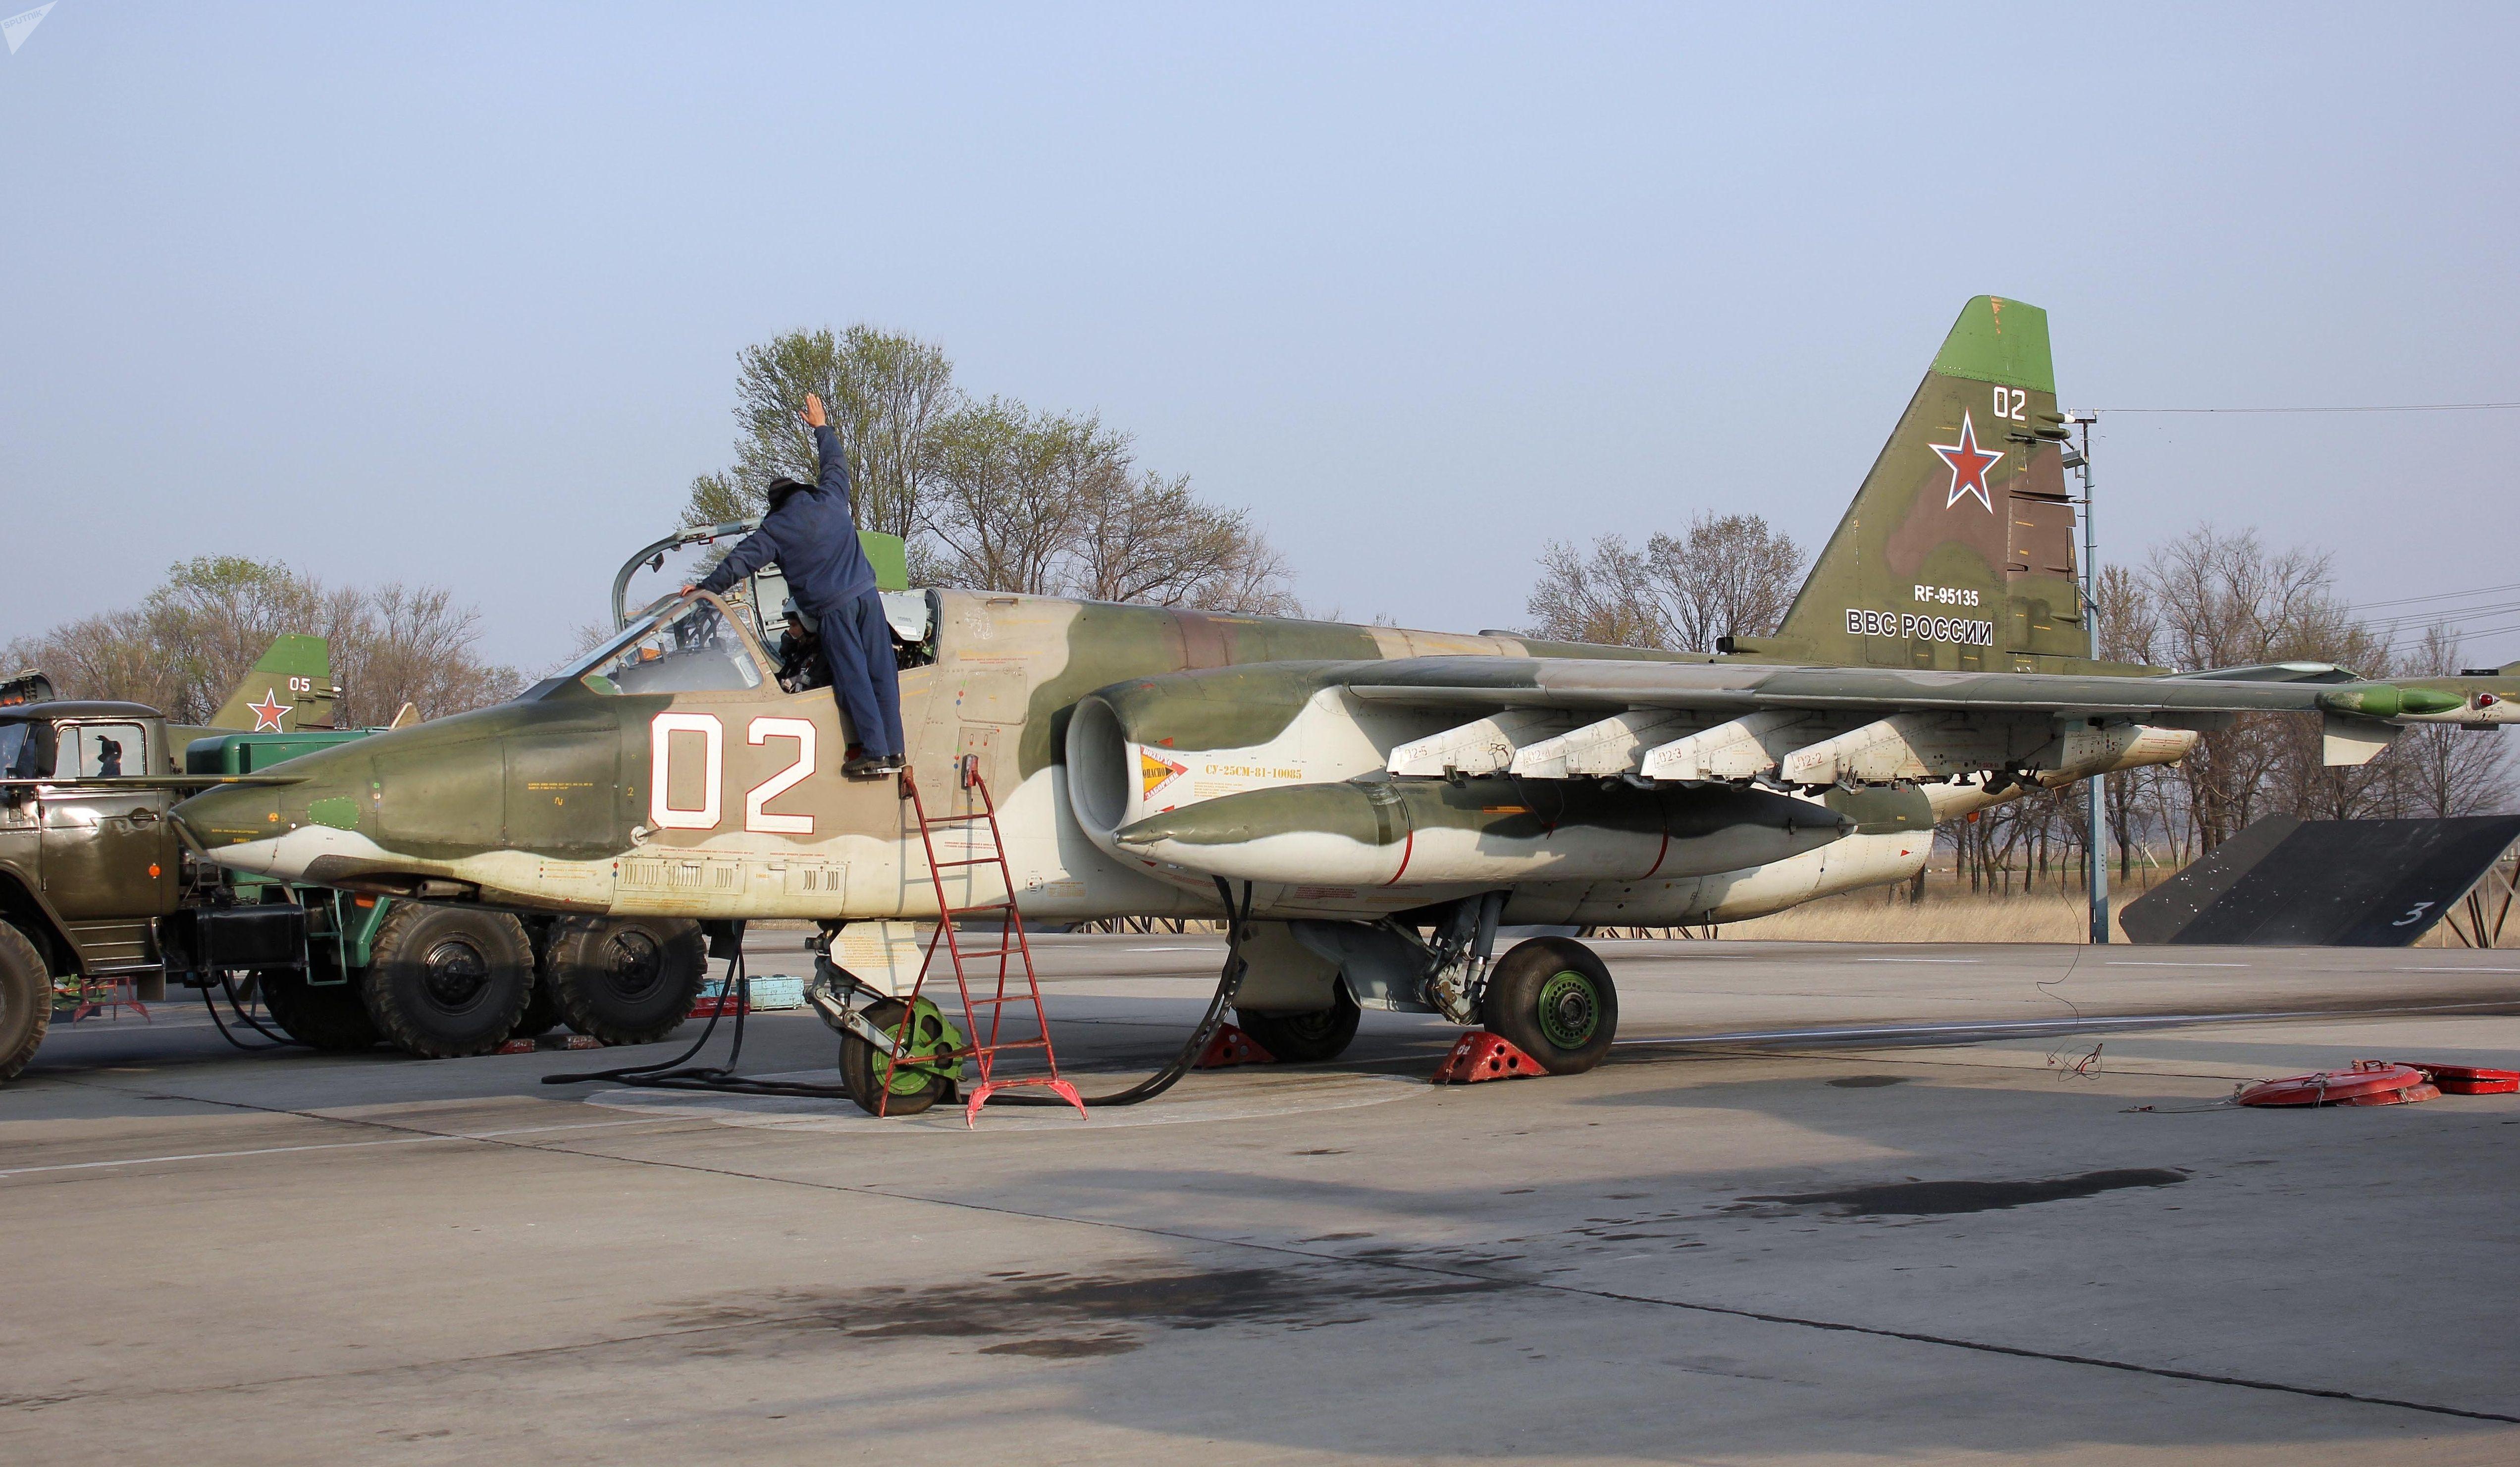 Звено штурмовиков Су-25СМ совершило перелет с авиабазы ОДКБ Кант в Душанбе в рамках подготовки к учению.